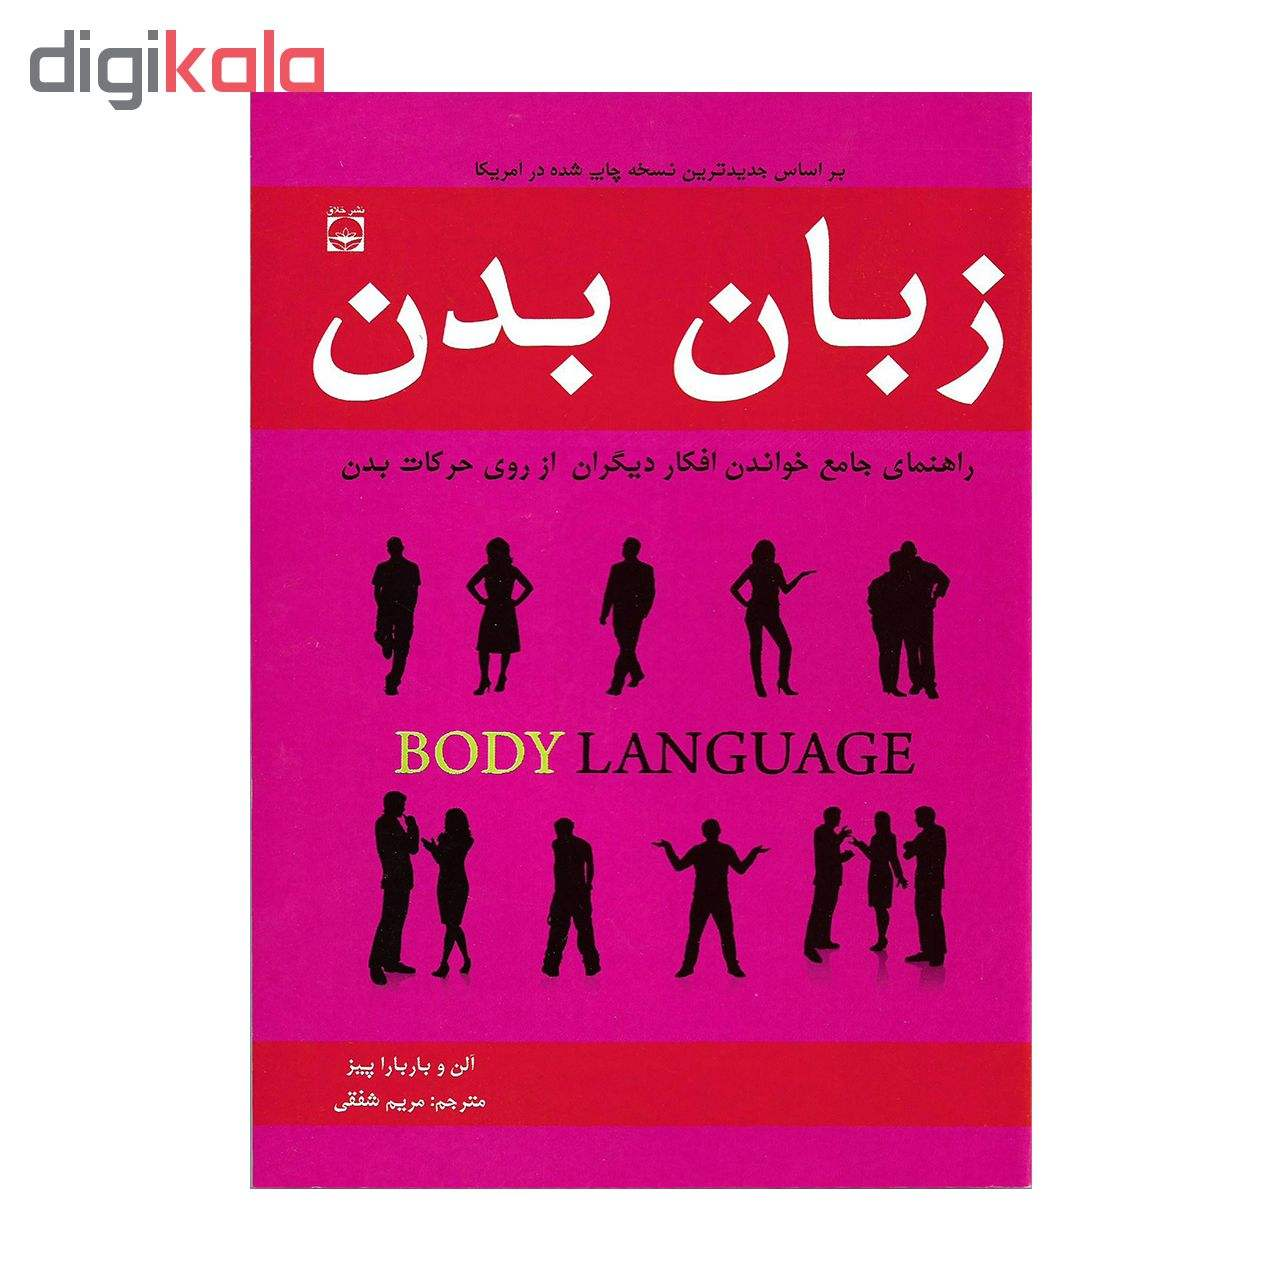 کتاب زبان بدن اثر آلن و باربارا پیز main 1 1